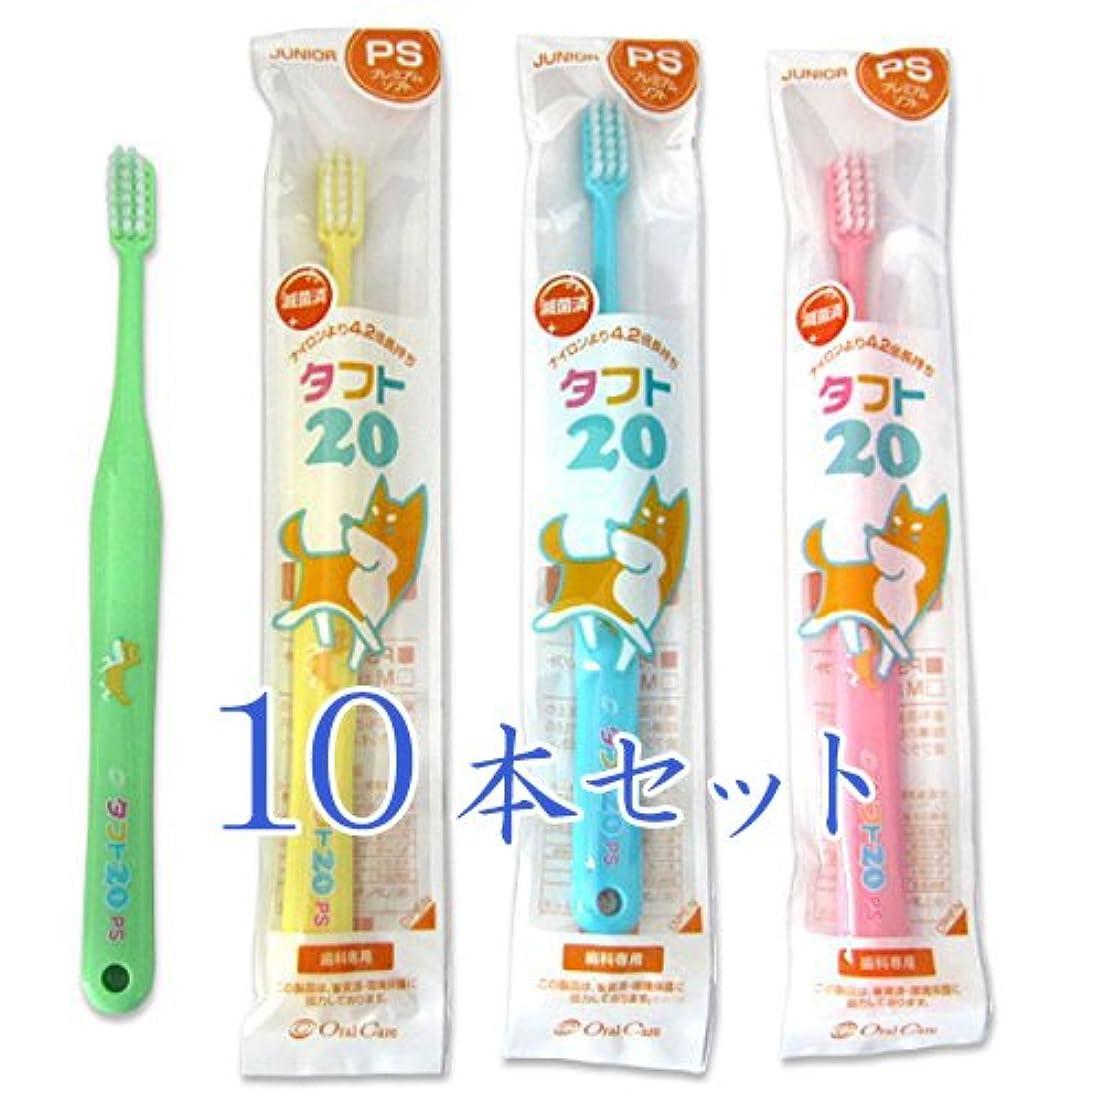 地元ストライプ経験者タフト20 PS プレミアムソフト 歯ブラシ混合歯列期用(6~12歳)×10本セット